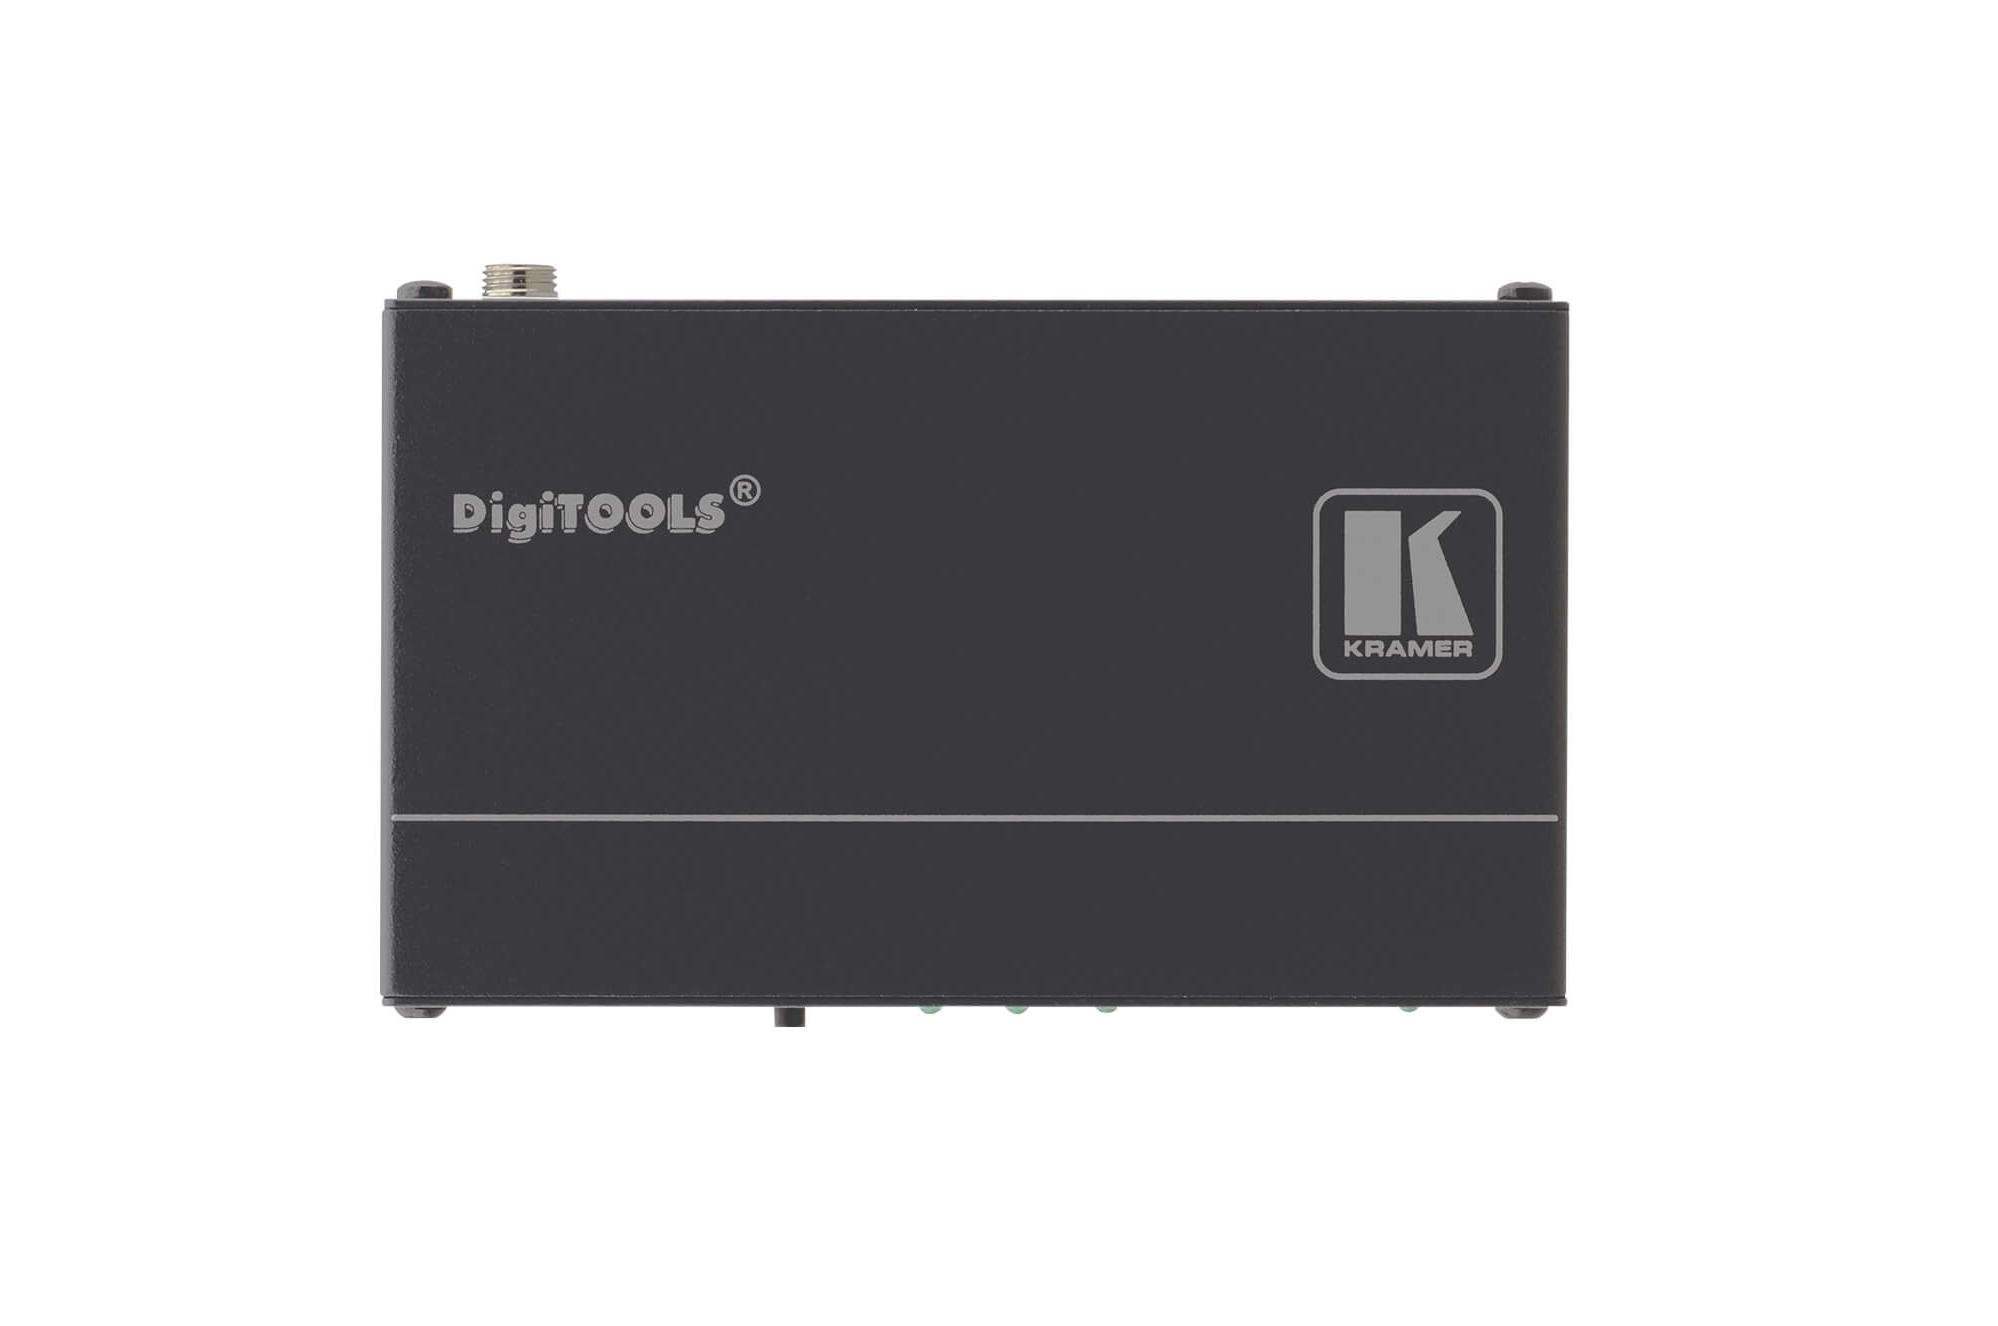 1:2/4K60/4:2:0 HDMI Distribution Amplifier